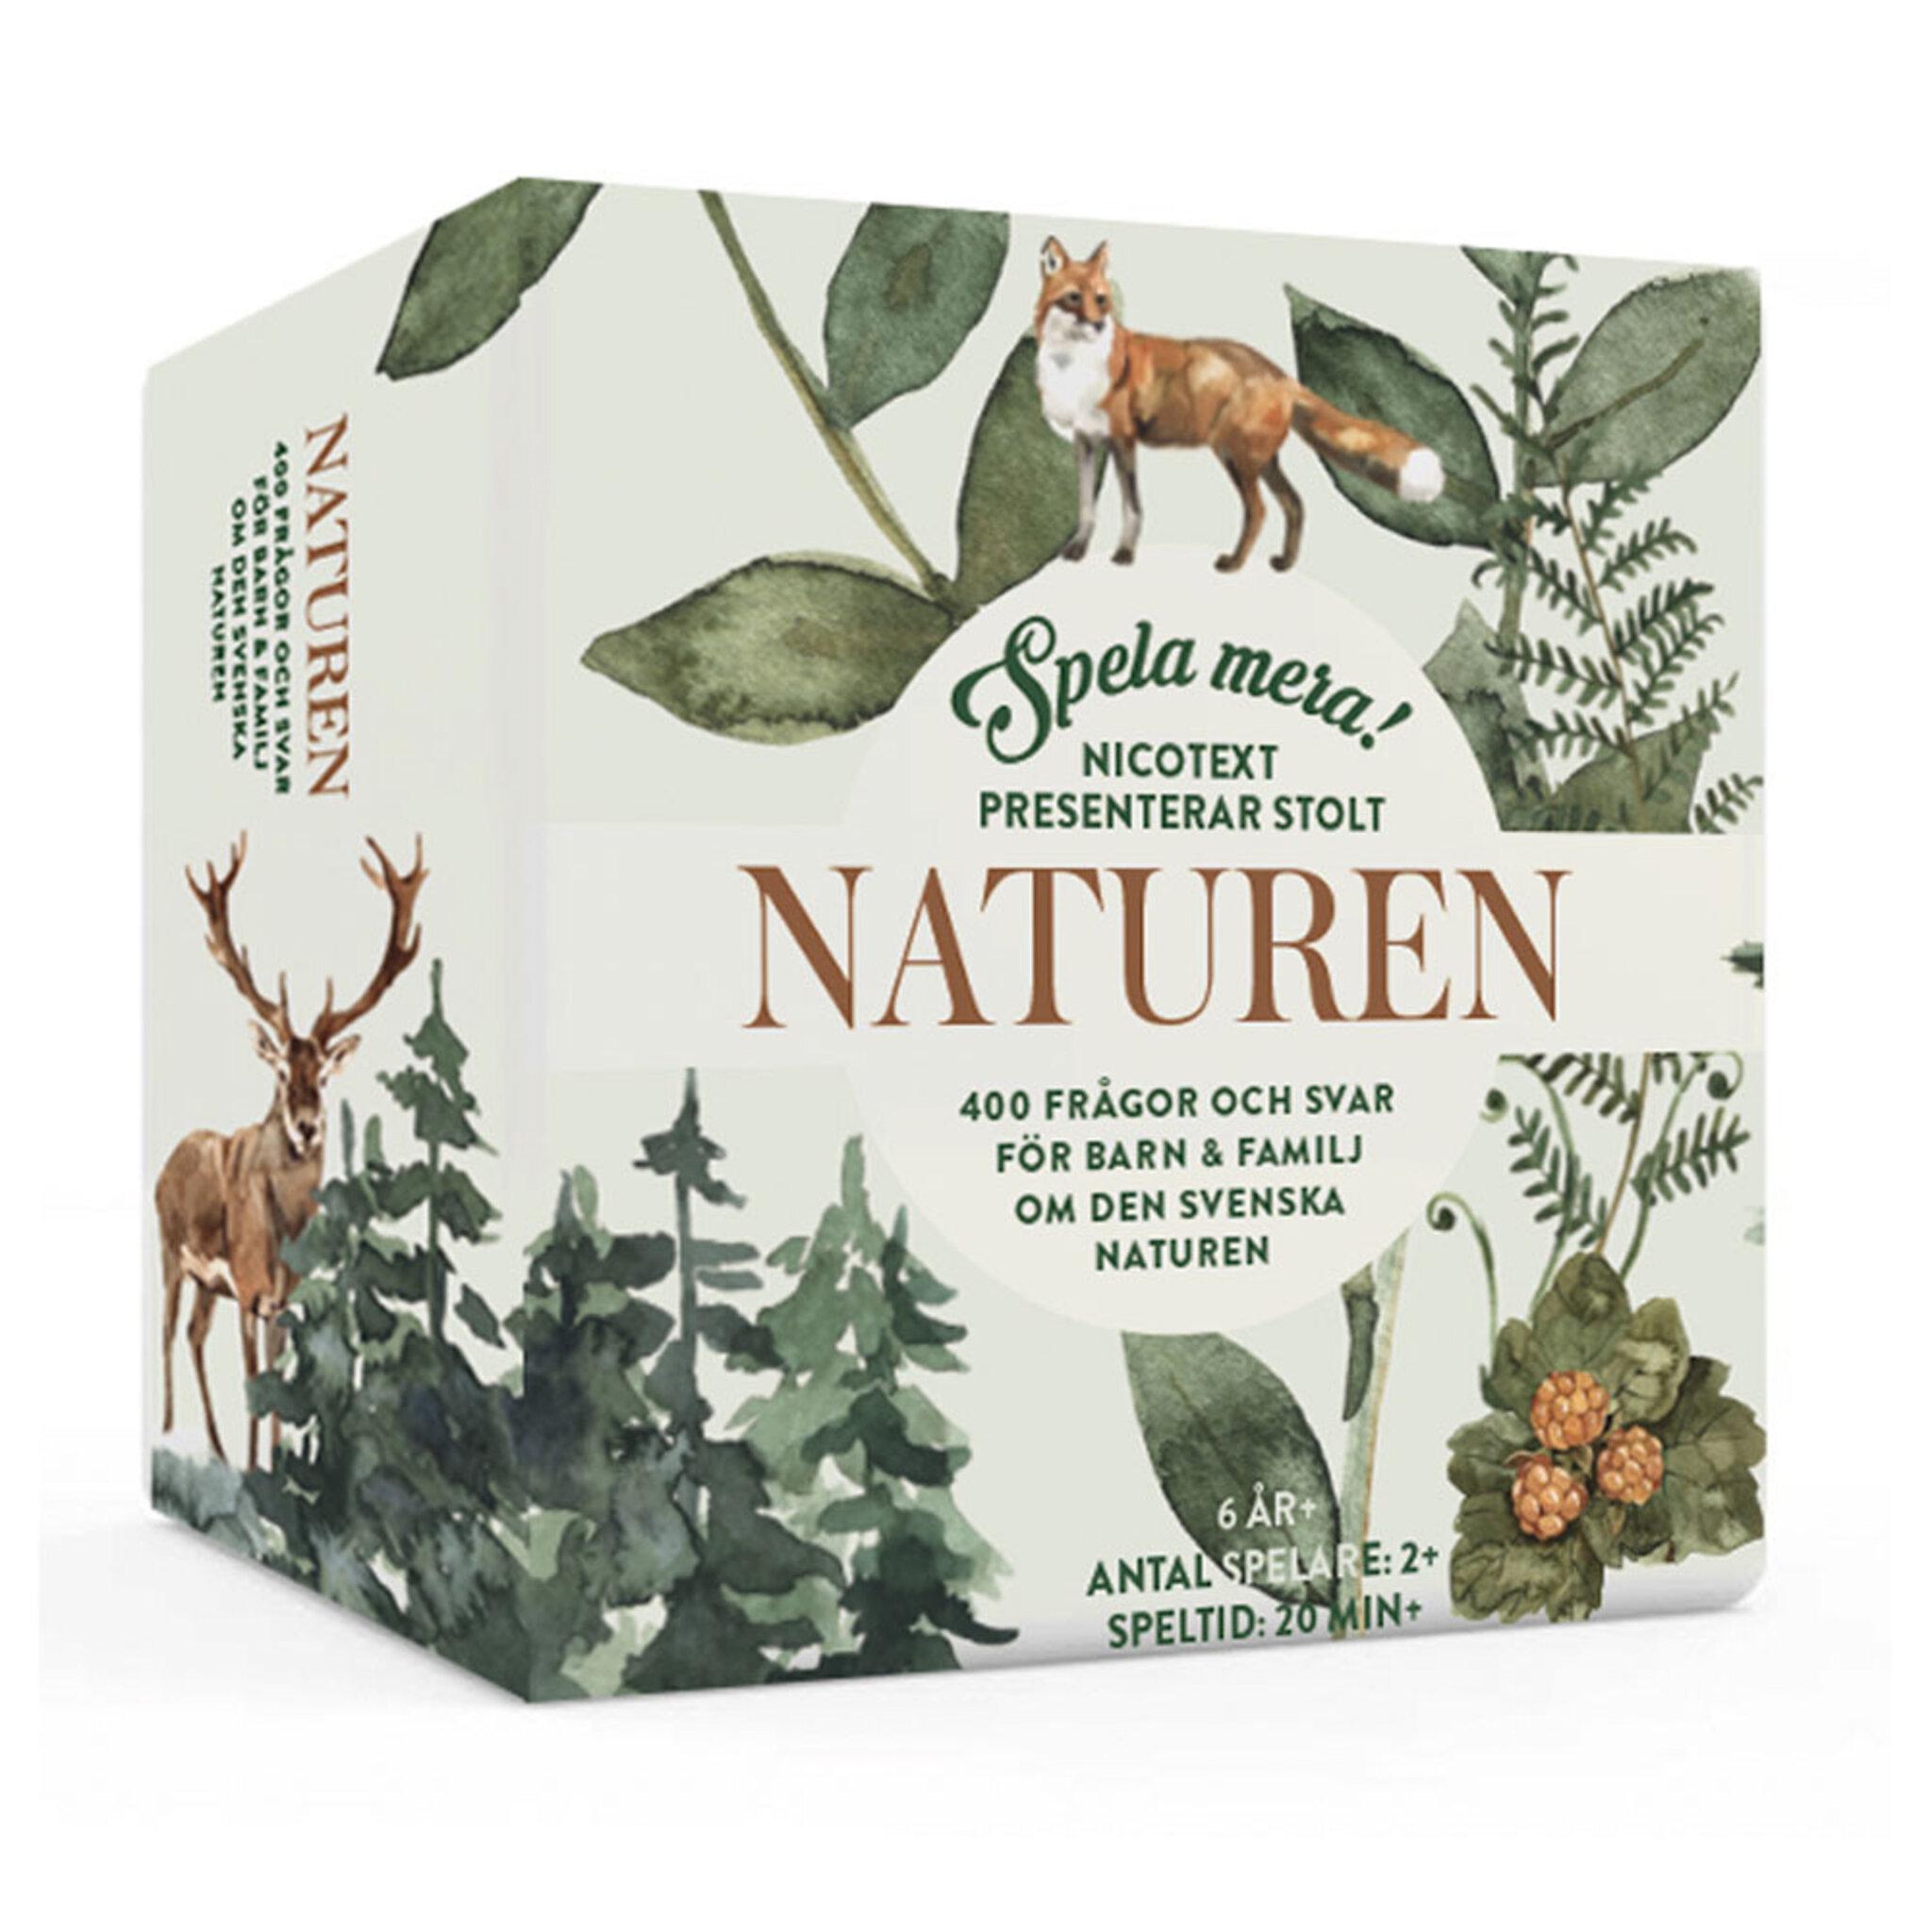 Spela mera: Naturen, 100x100x50